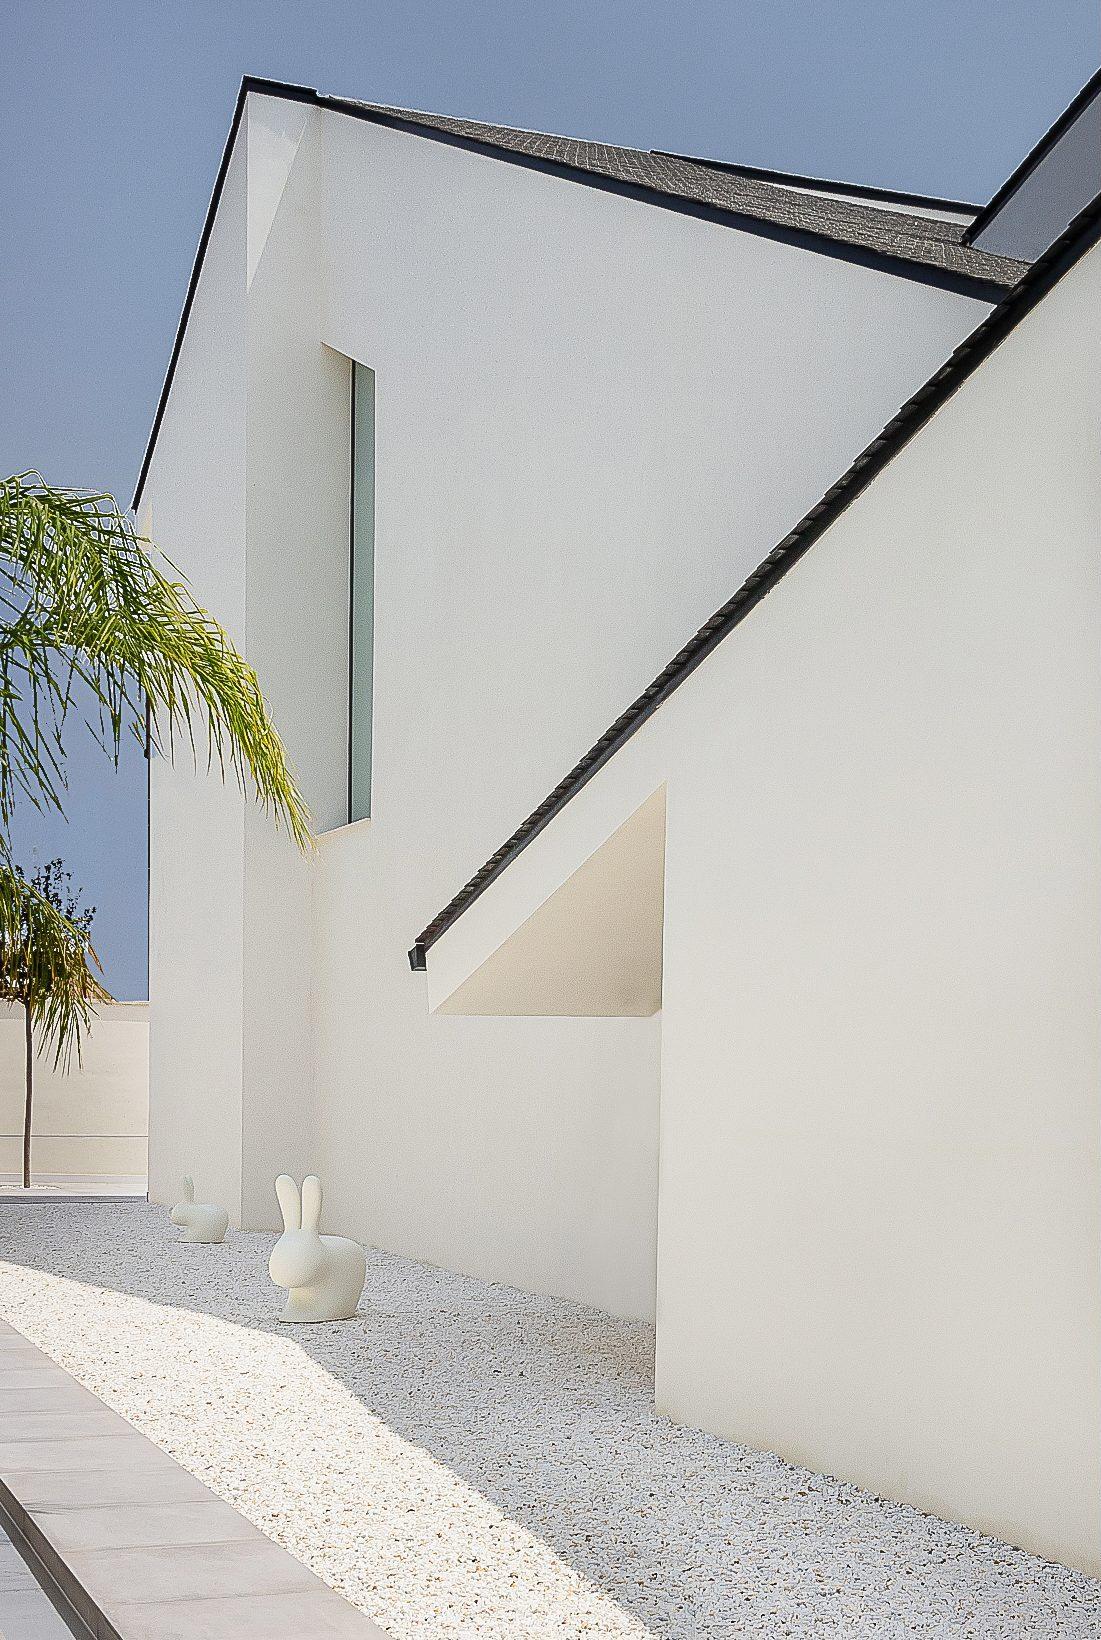 Casa moderna y minimalista con tejado negro inclinado y jardin de piedras